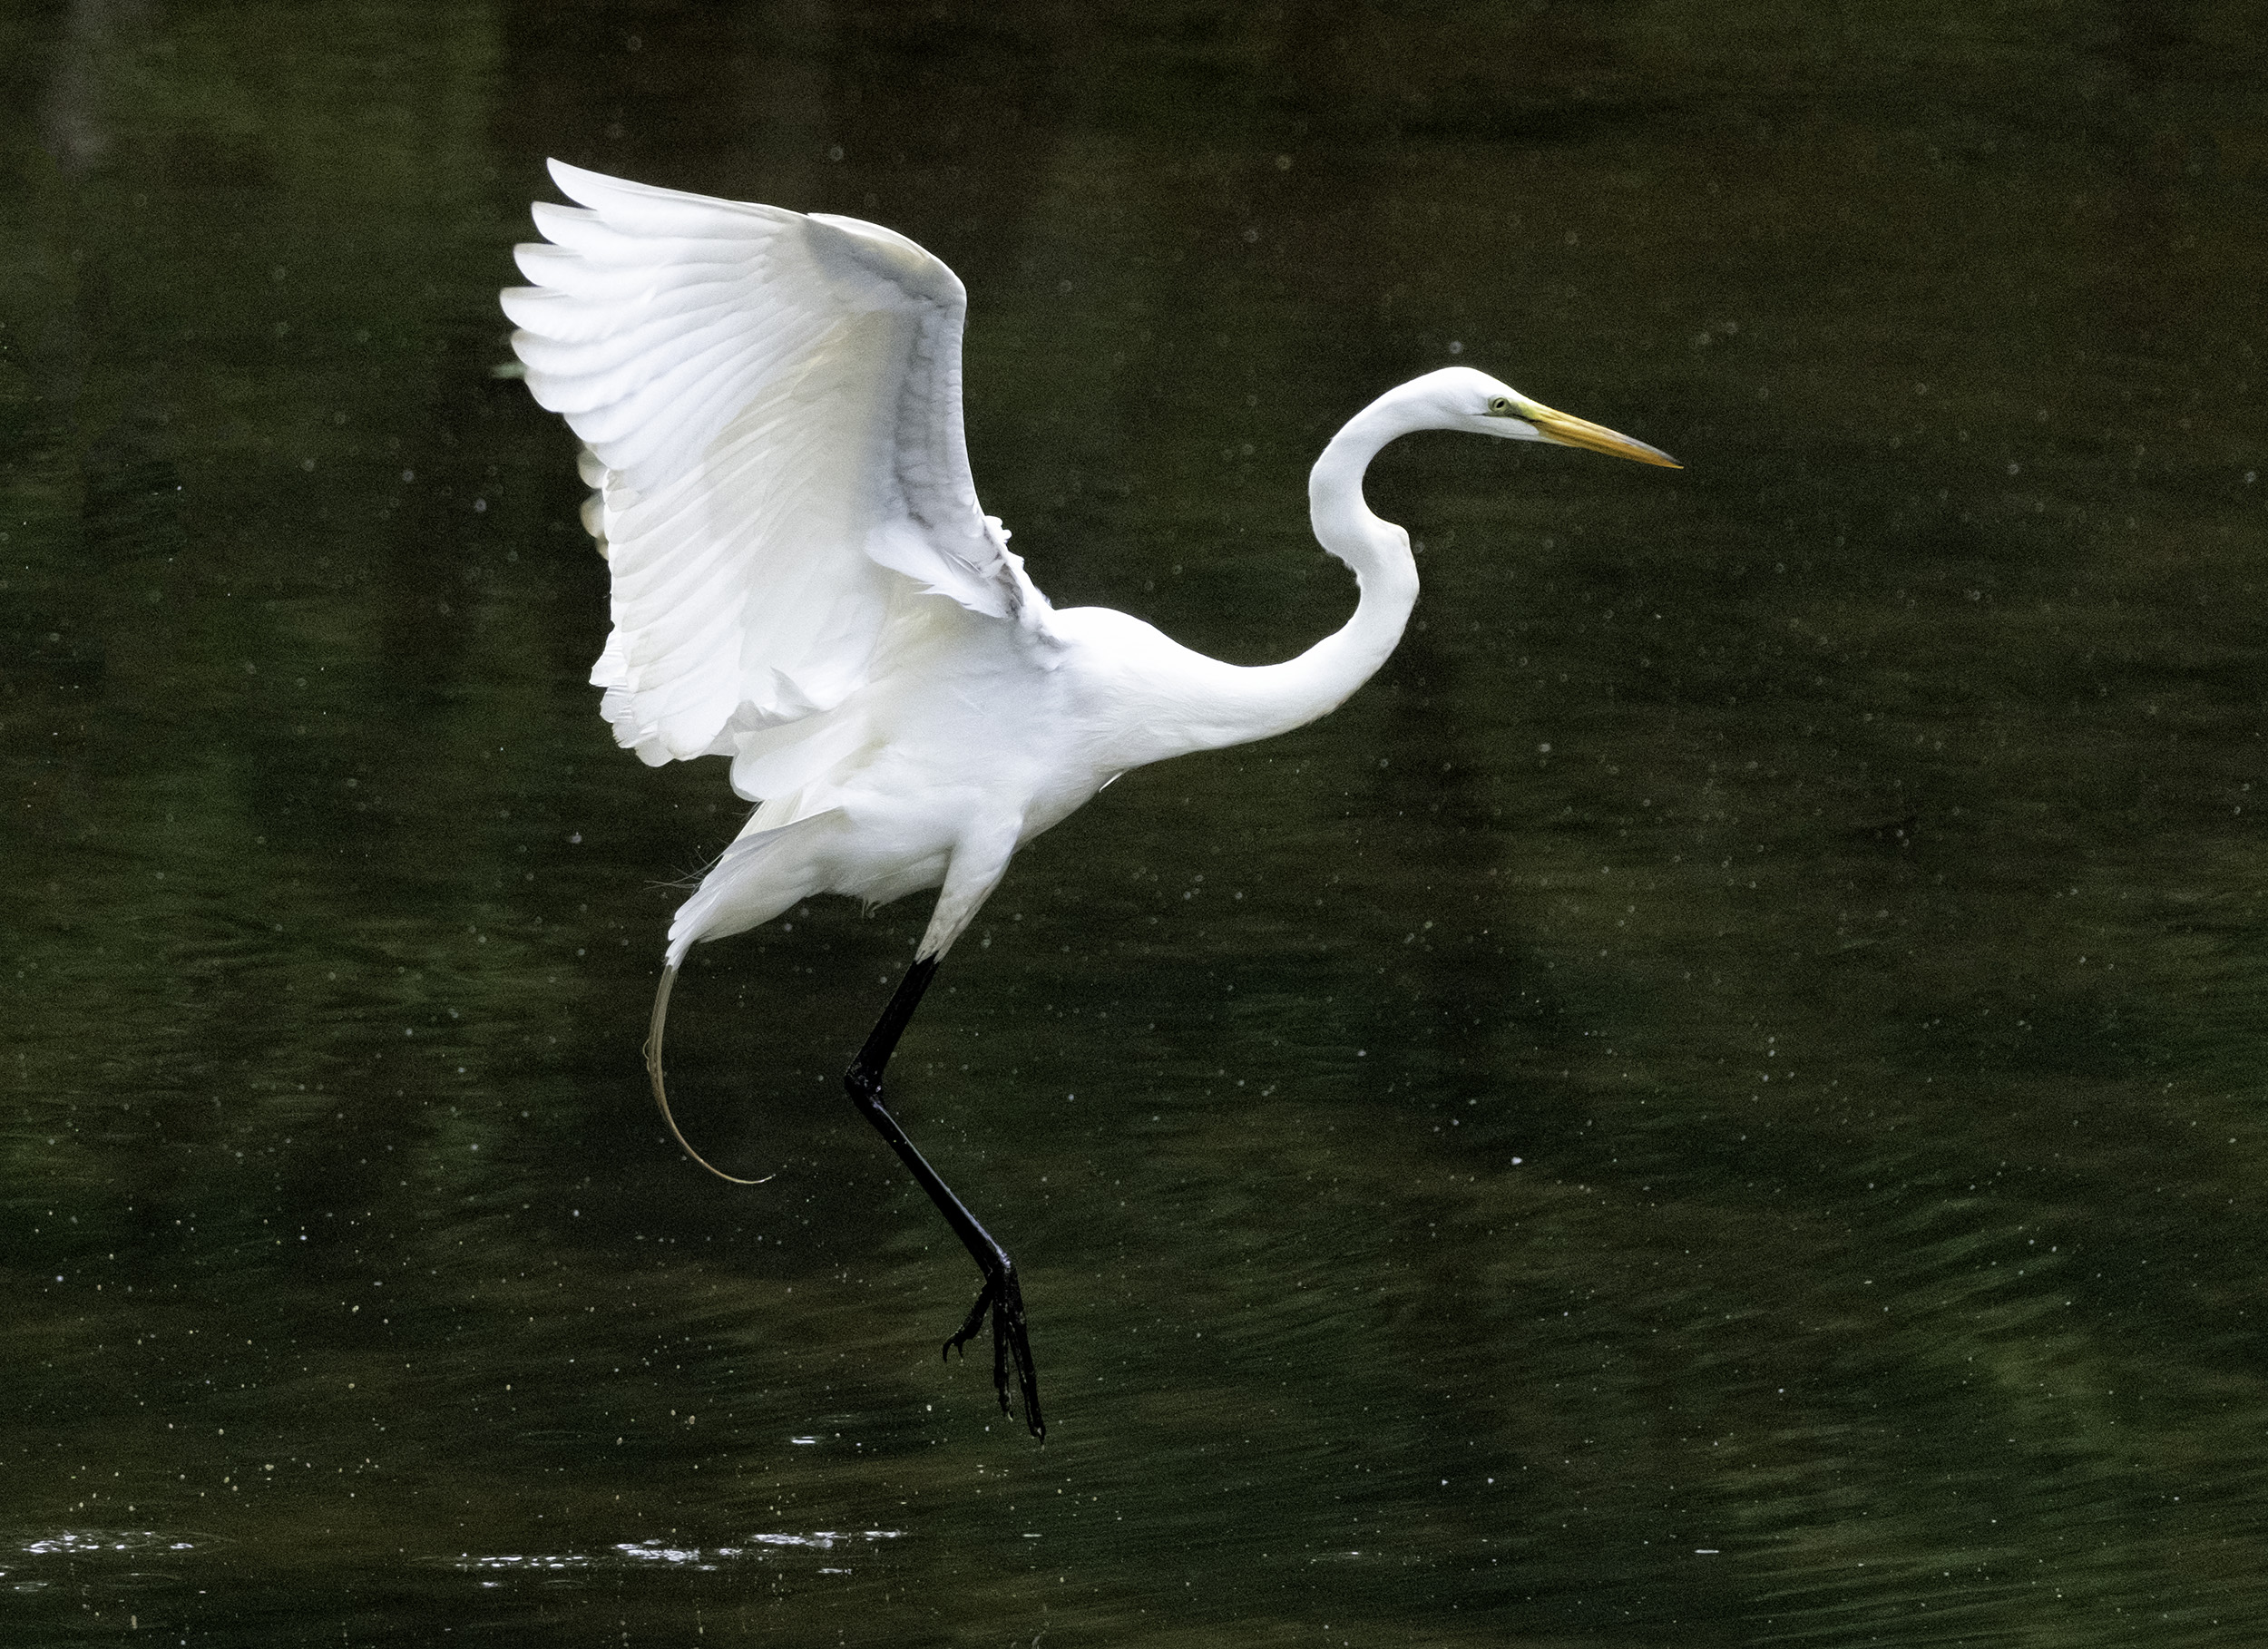 190518 Canal Birds XT2 117-1 flt.jpg